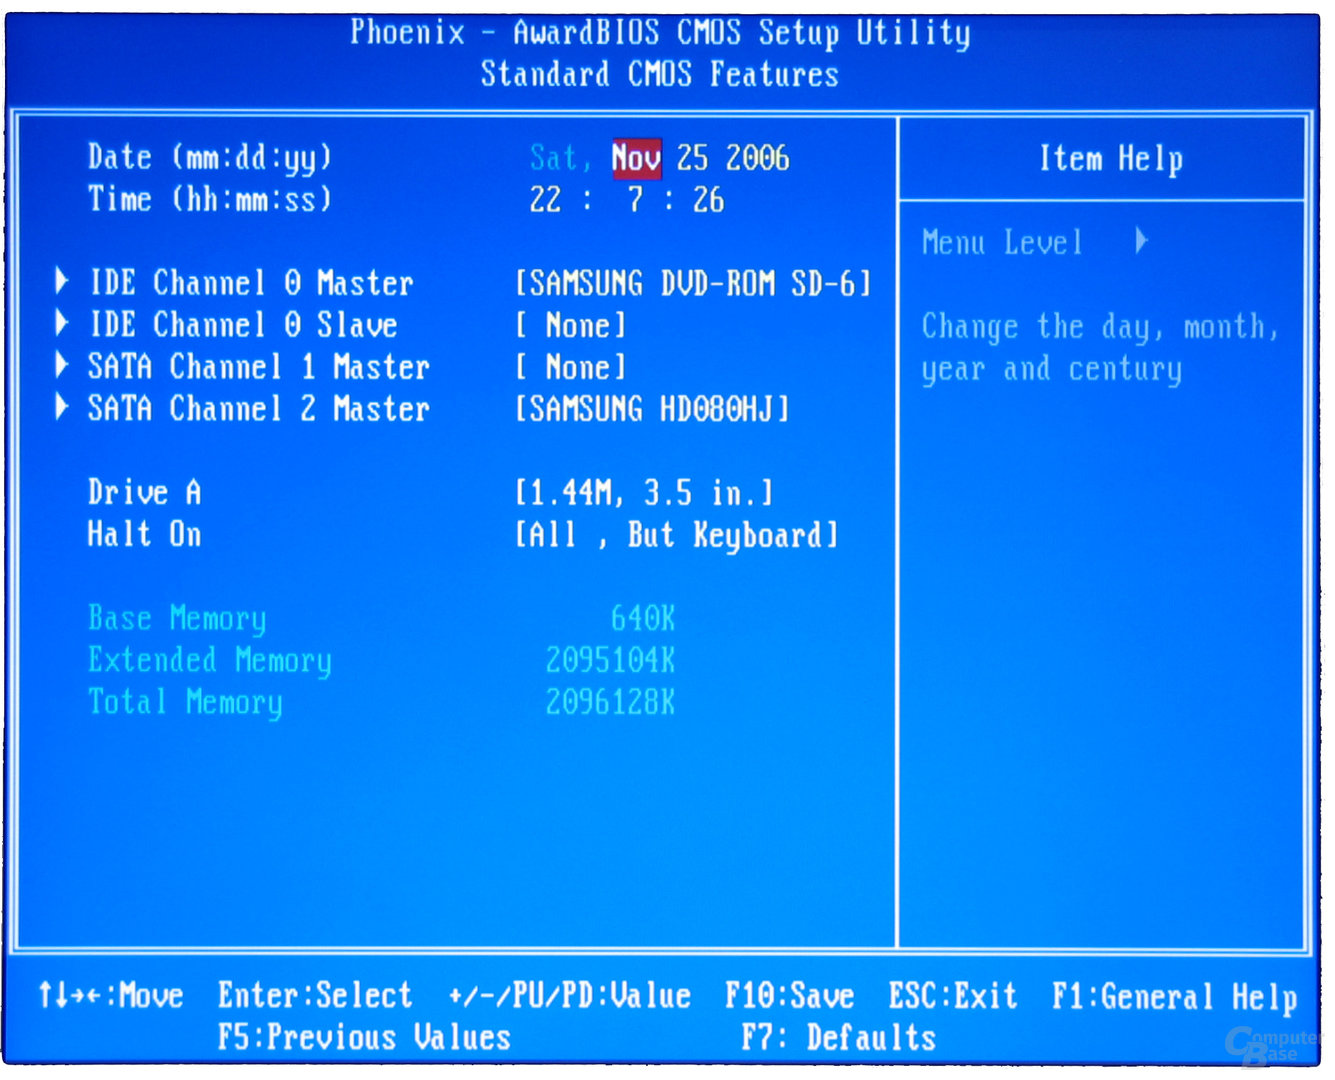 EVGA 680i SLI BIOS